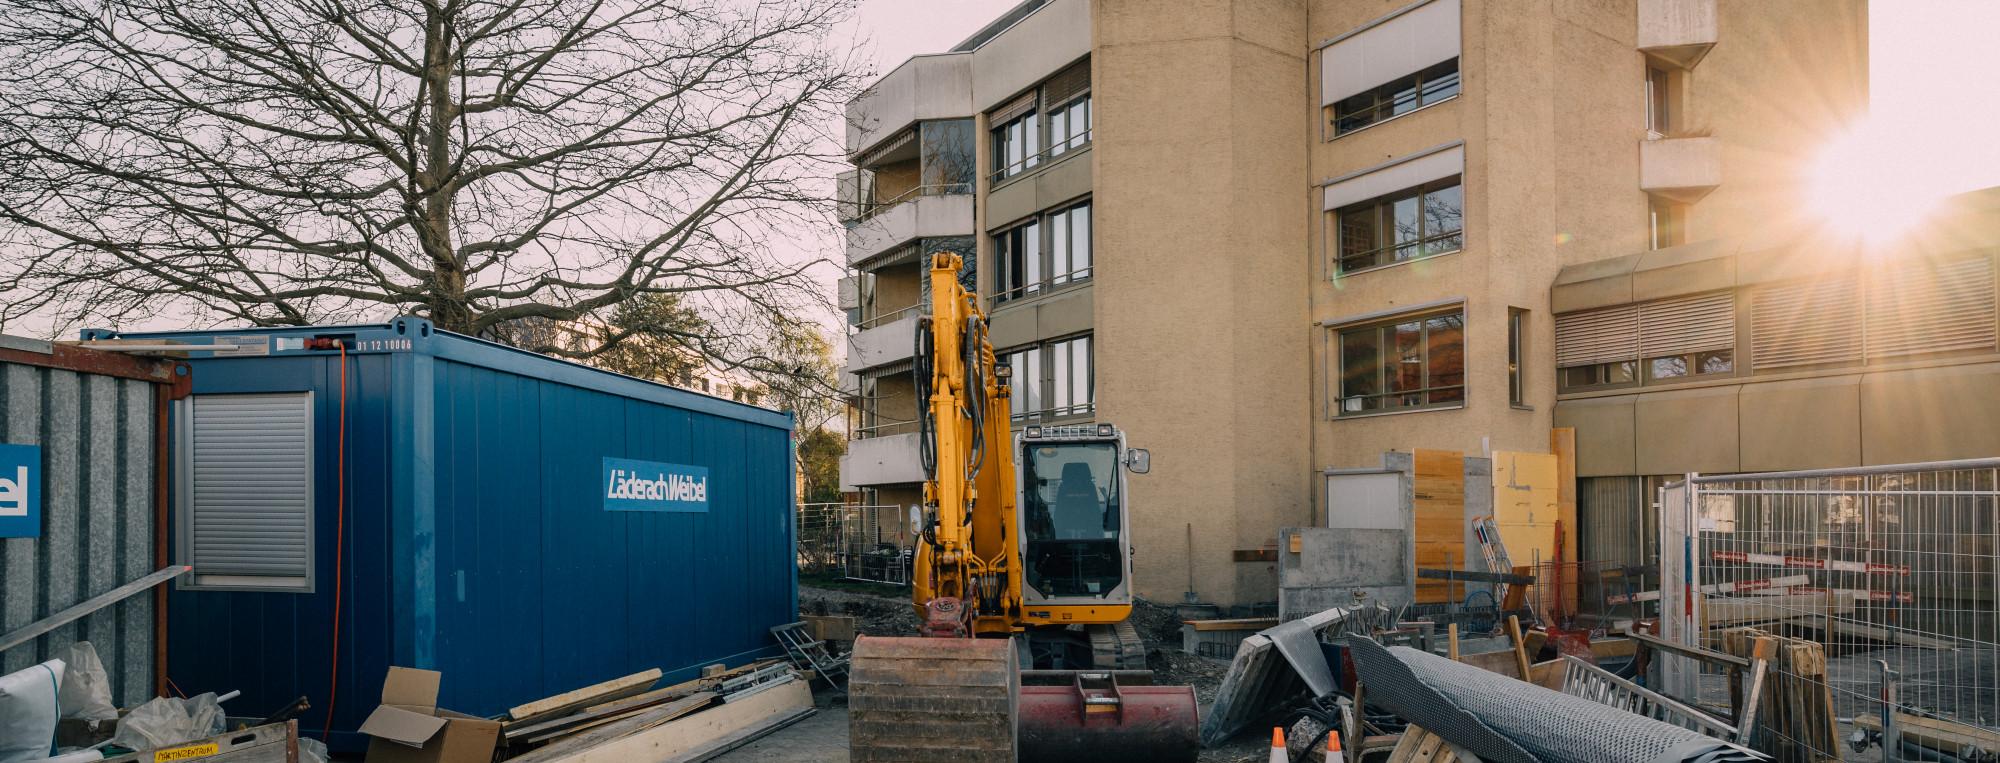 Bauprojekt Martinzentrum